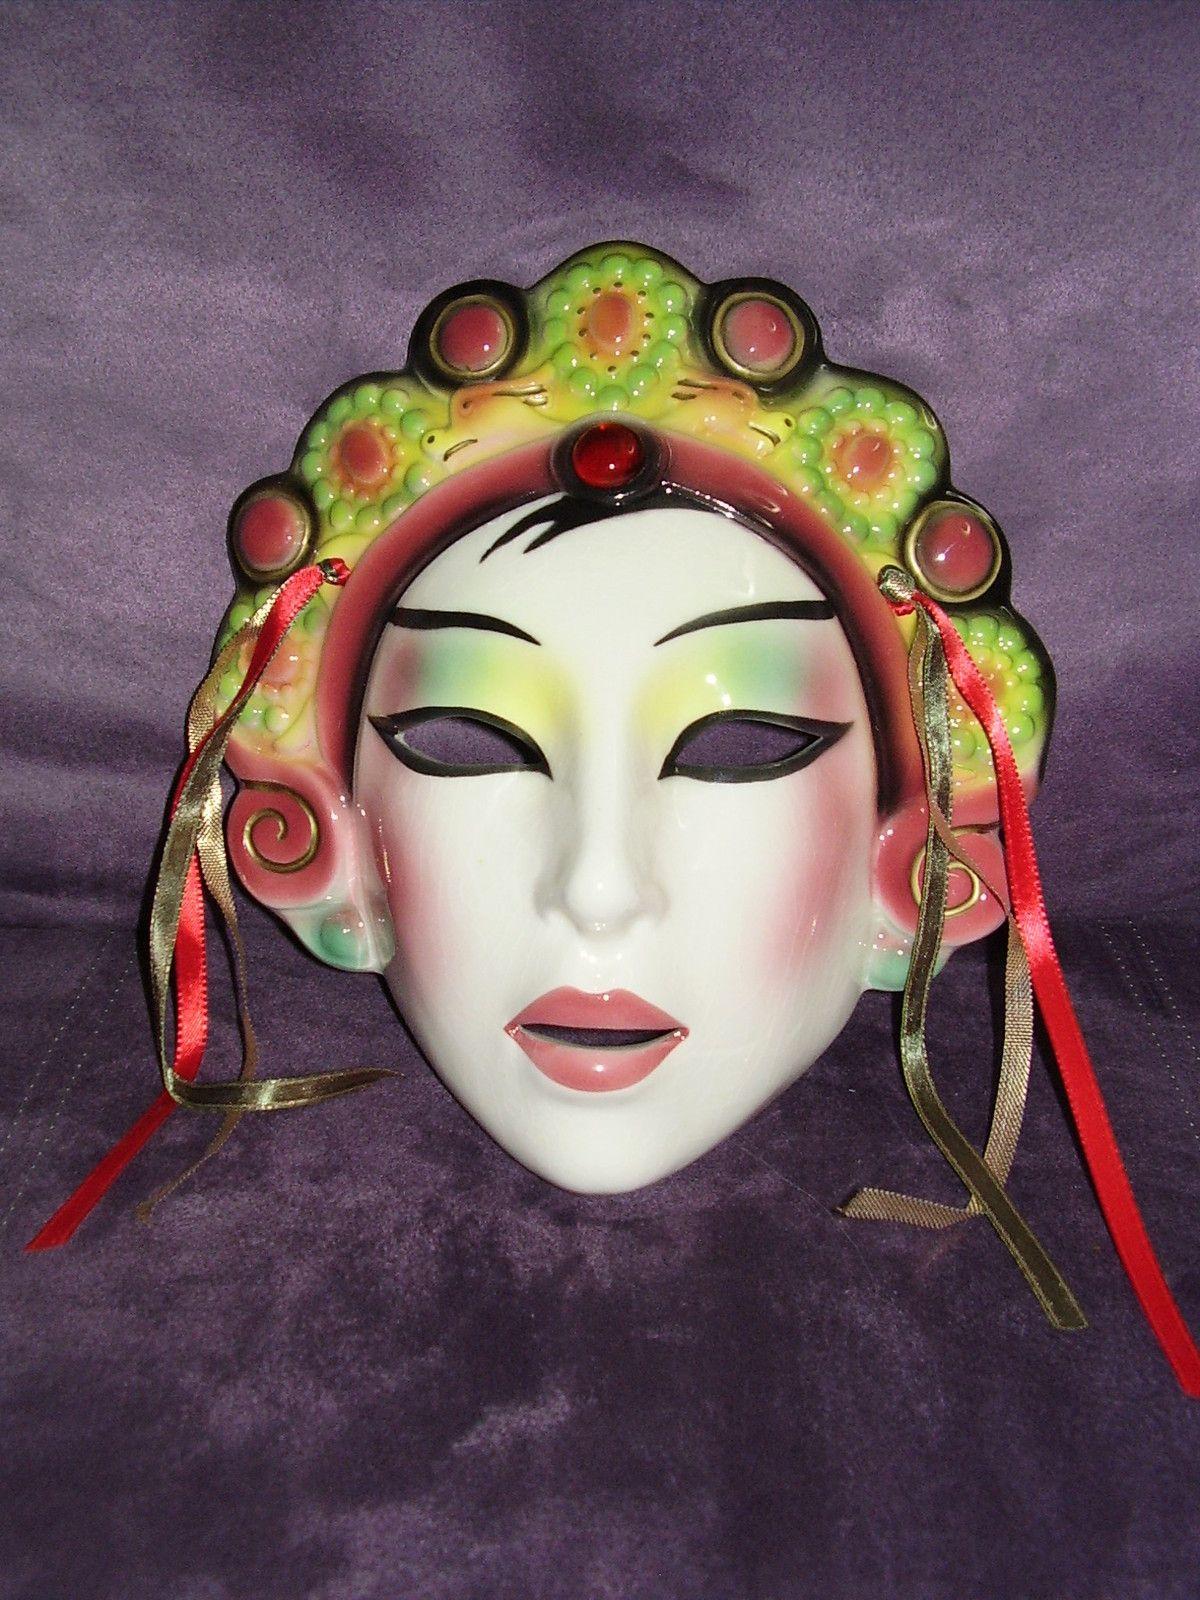 Clay art Mask San Francisco Co. Chinese Princess Masks